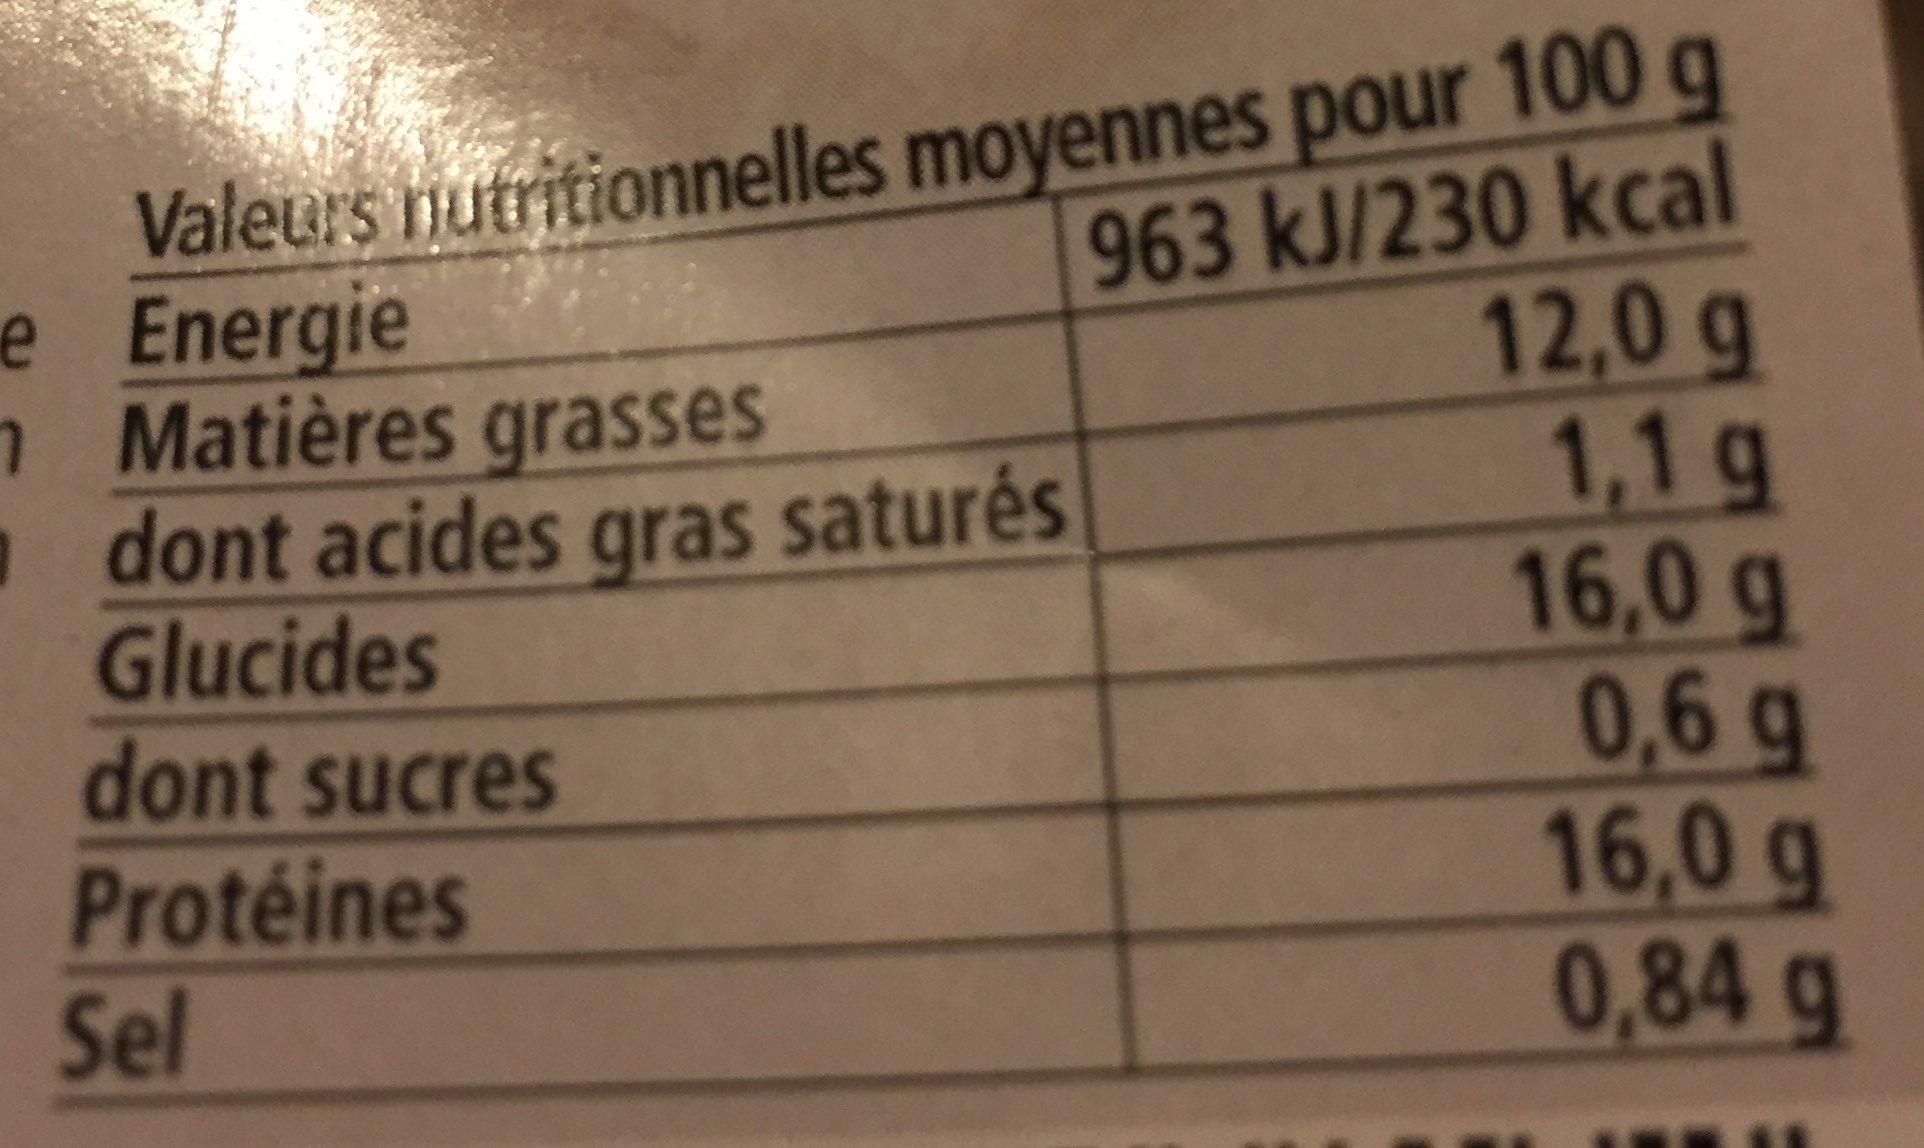 Tempuras de gambzd - Voedingswaarden - fr